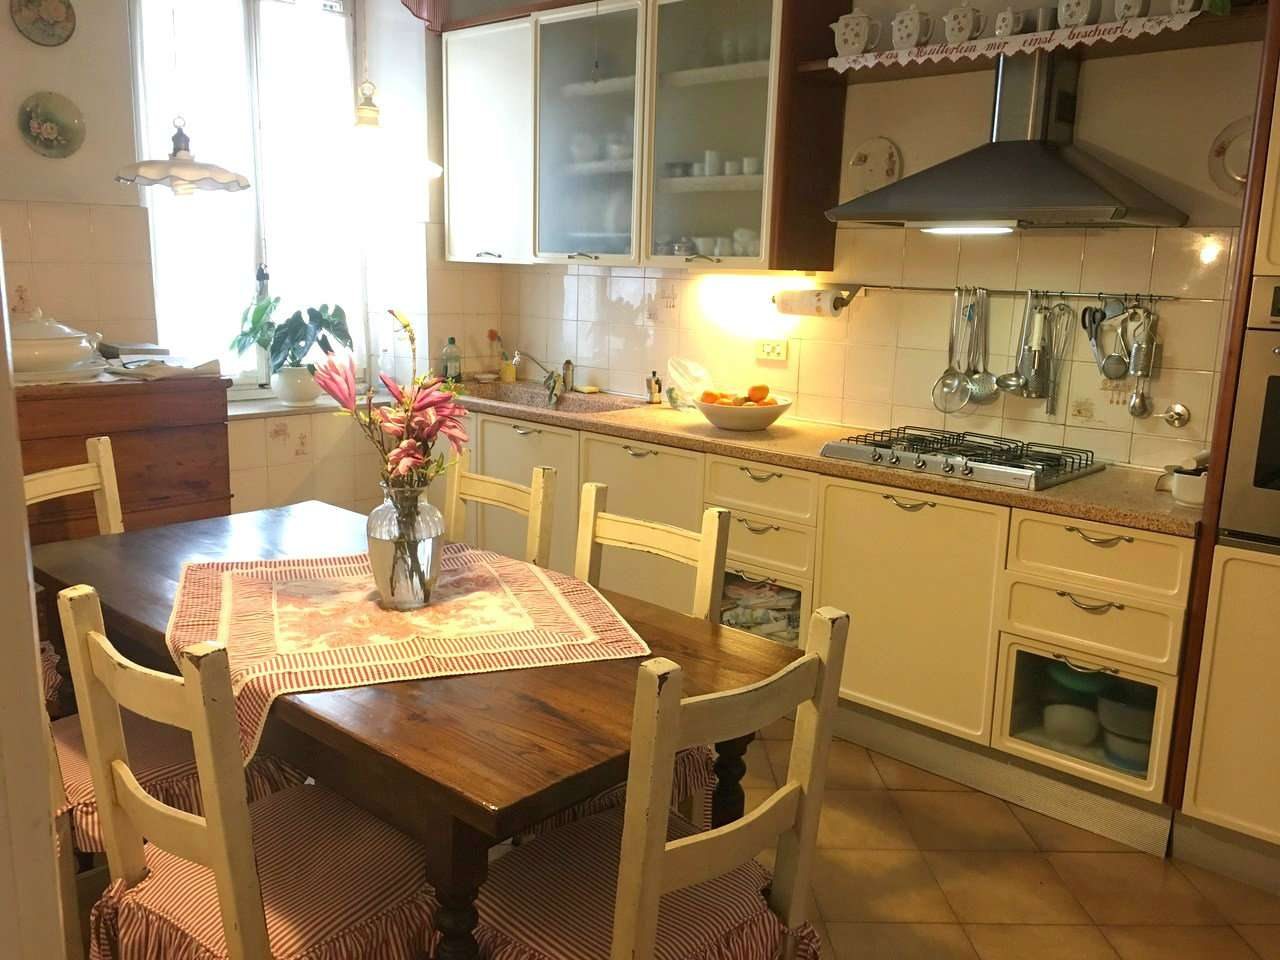 Palazzo / Stabile in vendita a Firenze, 6 locali, zona Zona: 1 . Castello, Careggi, Le Panche, prezzo € 425.000 | Cambio Casa.it